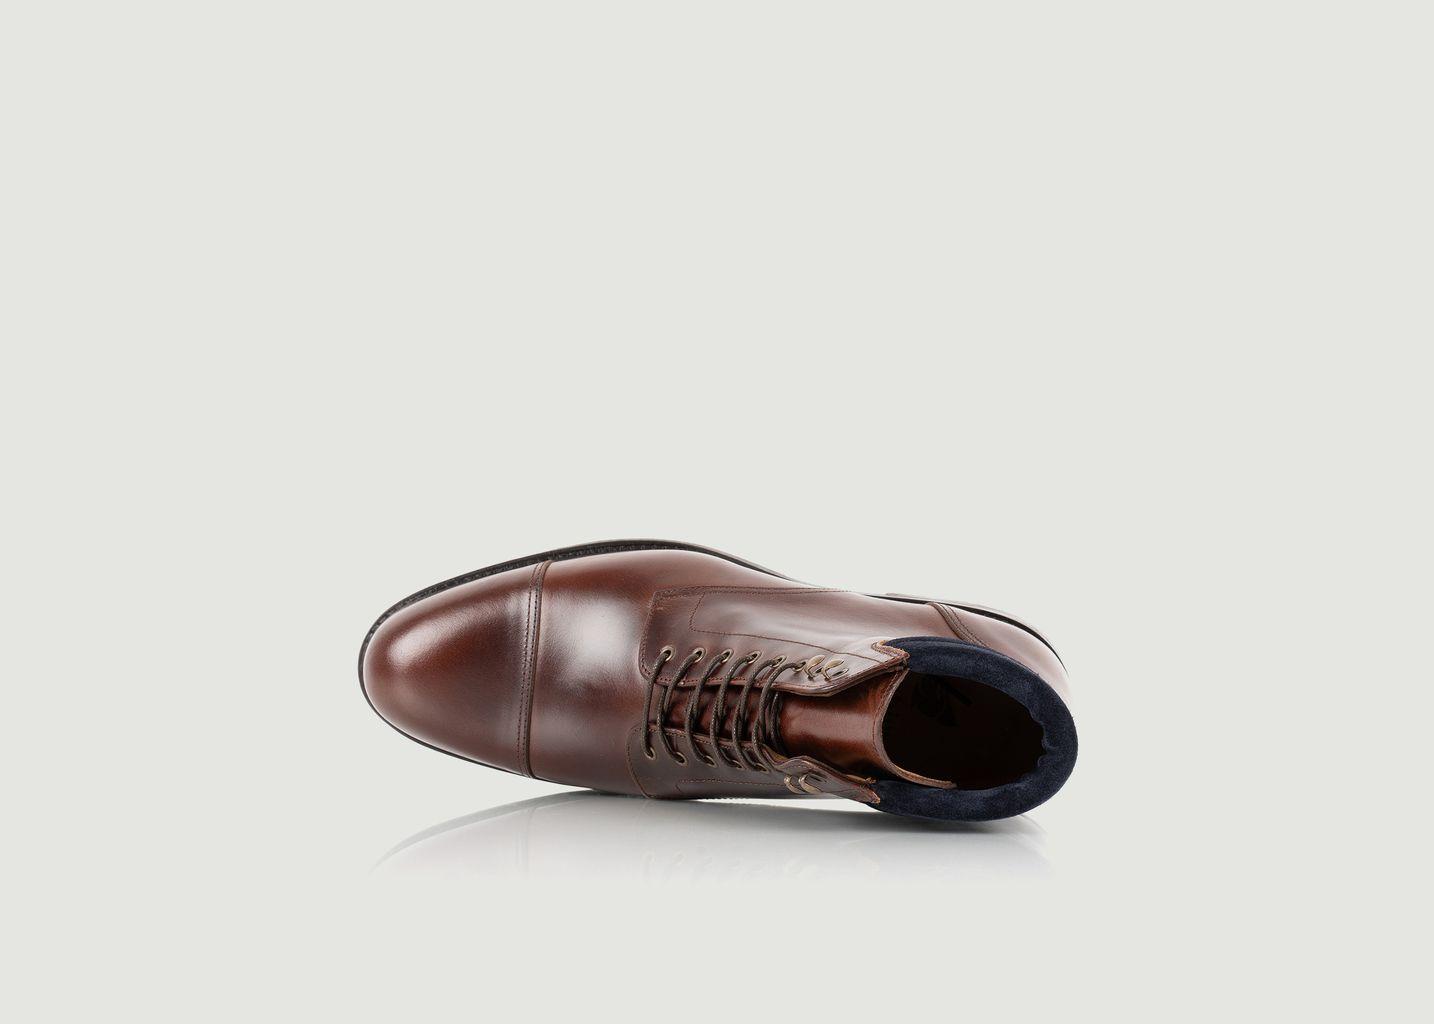 Boots à lacets en cuir Gilford - Bobbies Paris